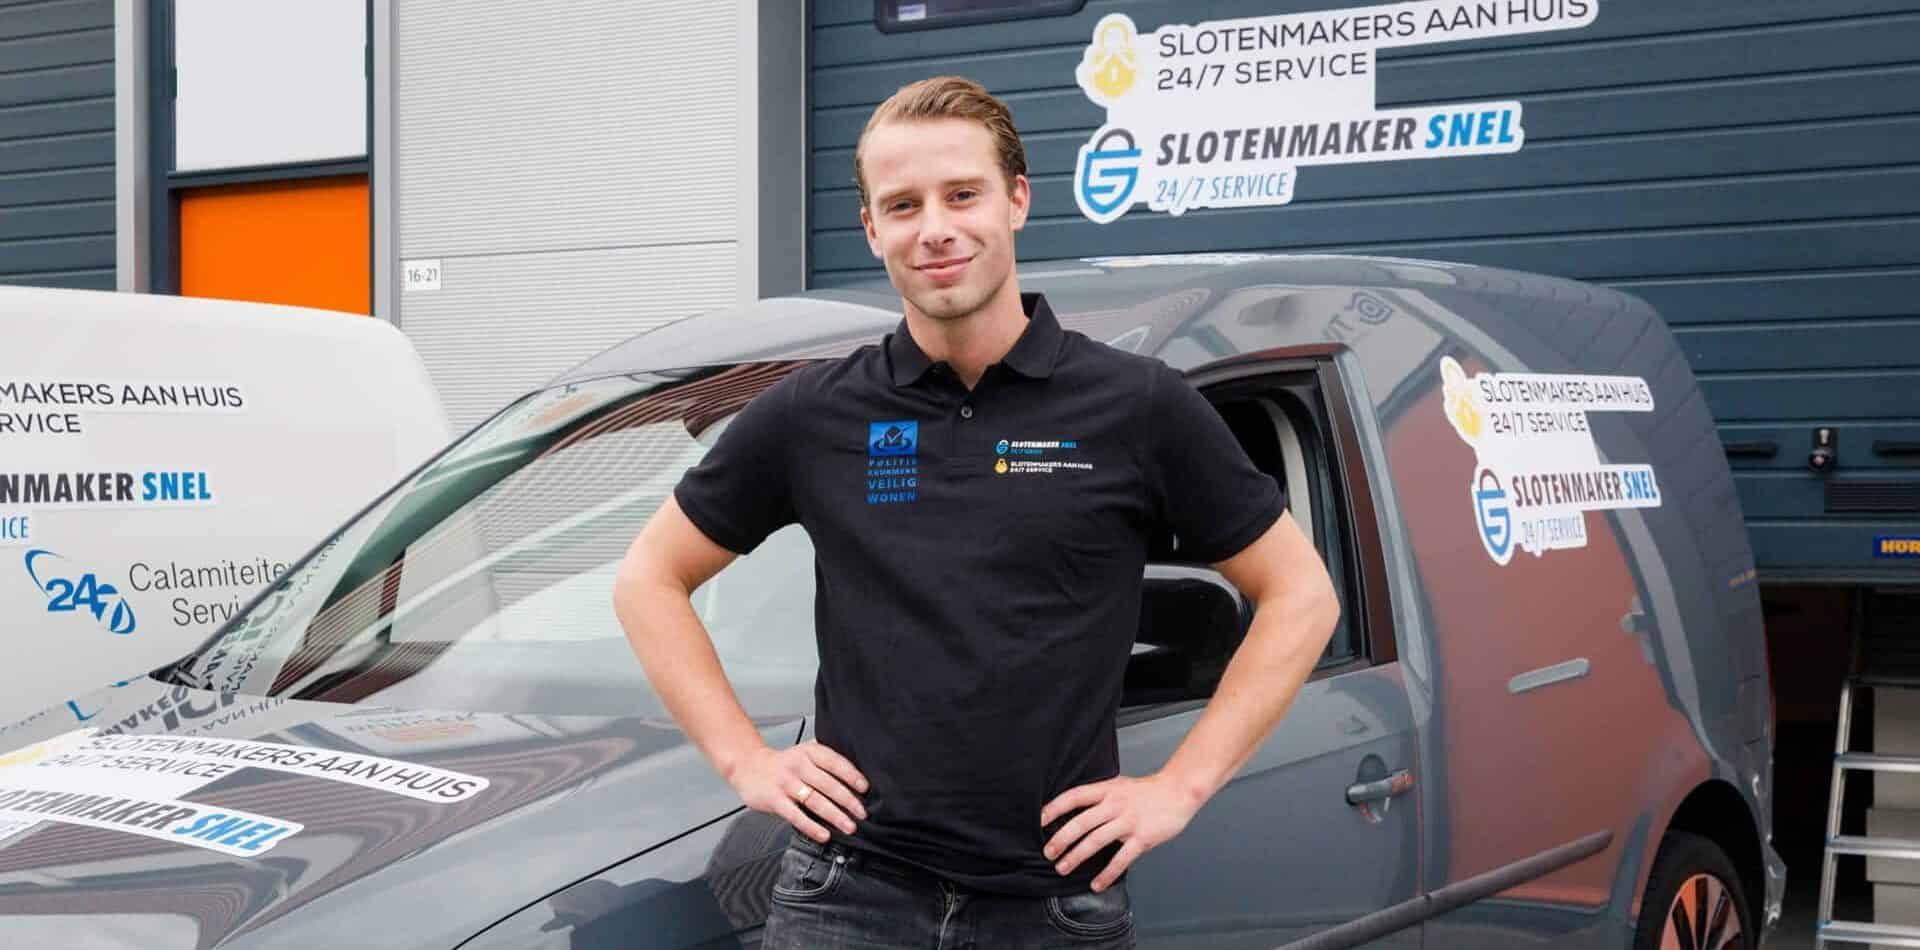 Slotenmaker Oud-Bijerland